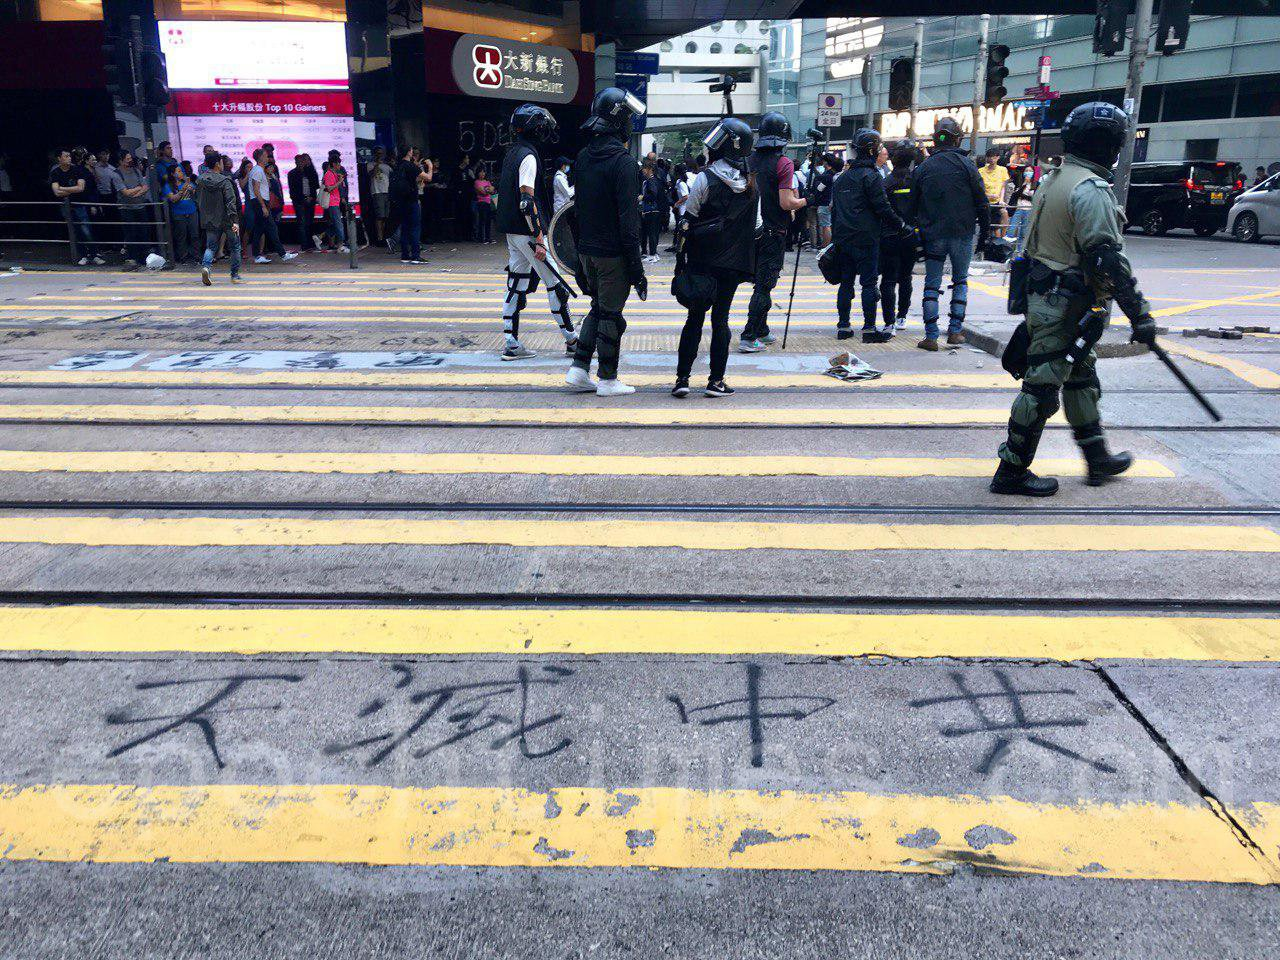 12日,香港市民在多區發起抗警暴活動,圖為,市民在中環抗議,防暴警發散催淚彈驅散市民。(余鋼/大紀元)